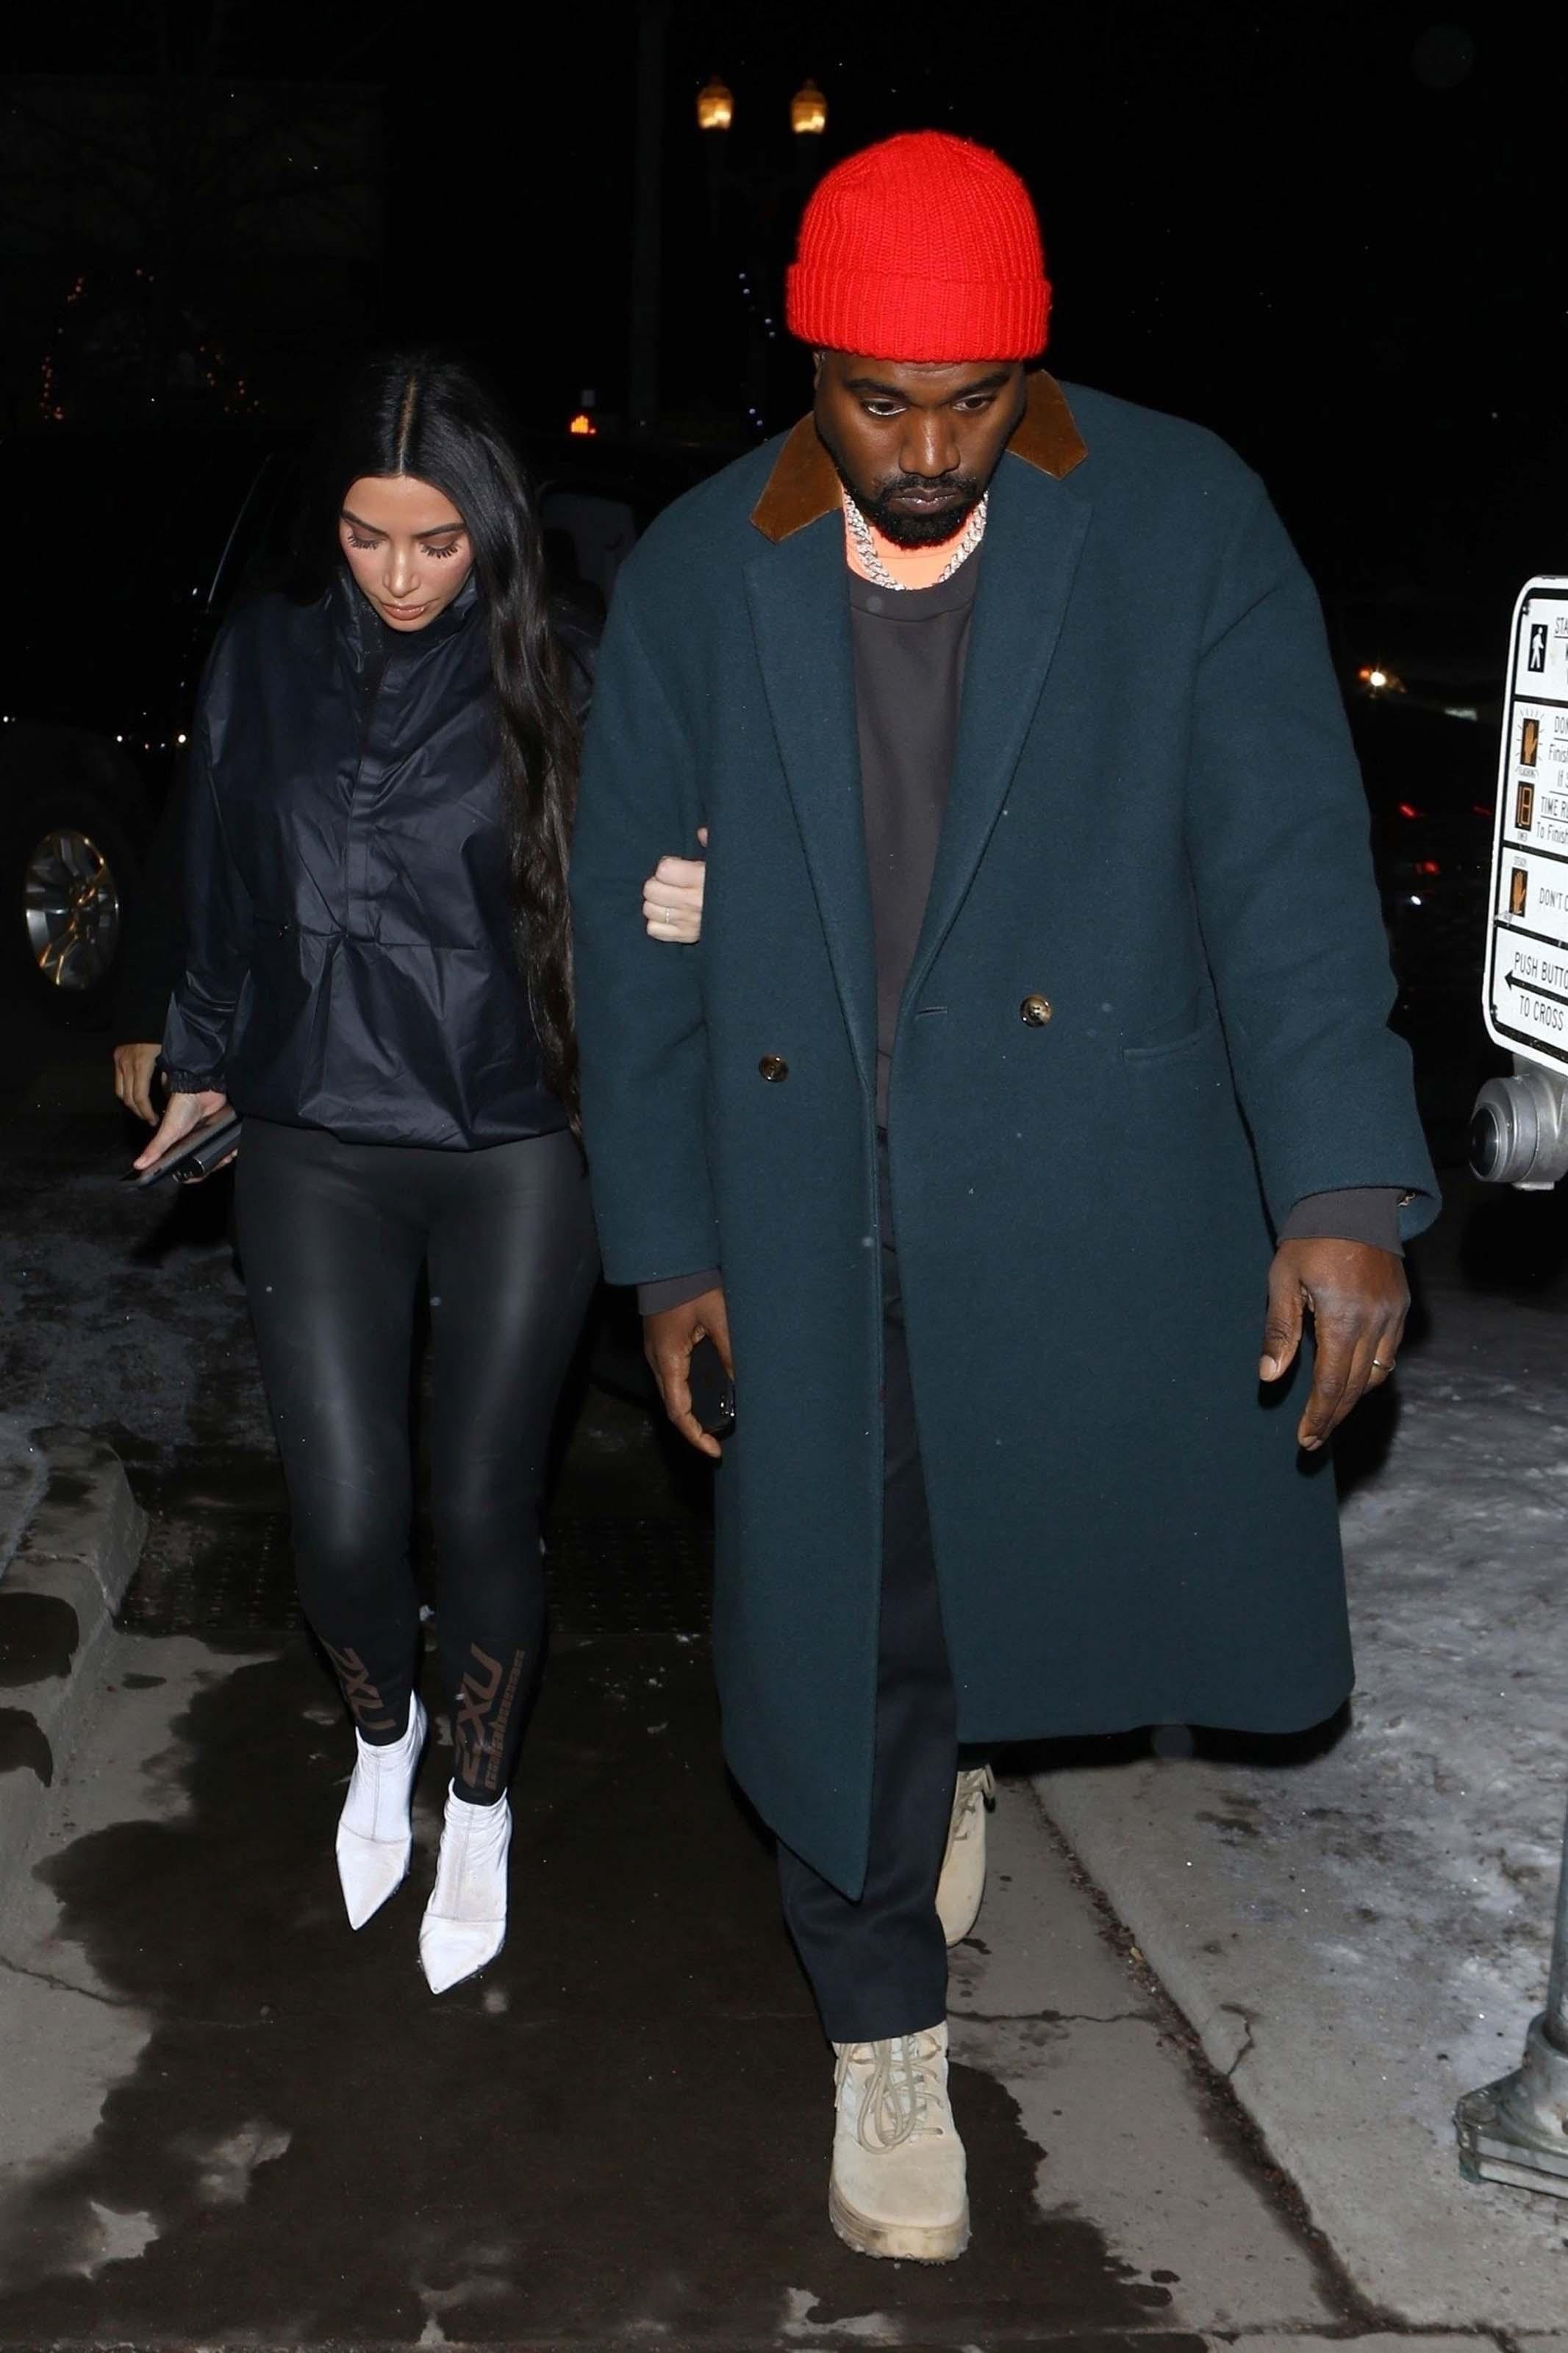 Kim & Kourtney Kardashian and Sofia Richie at Matsuhisa restaurant